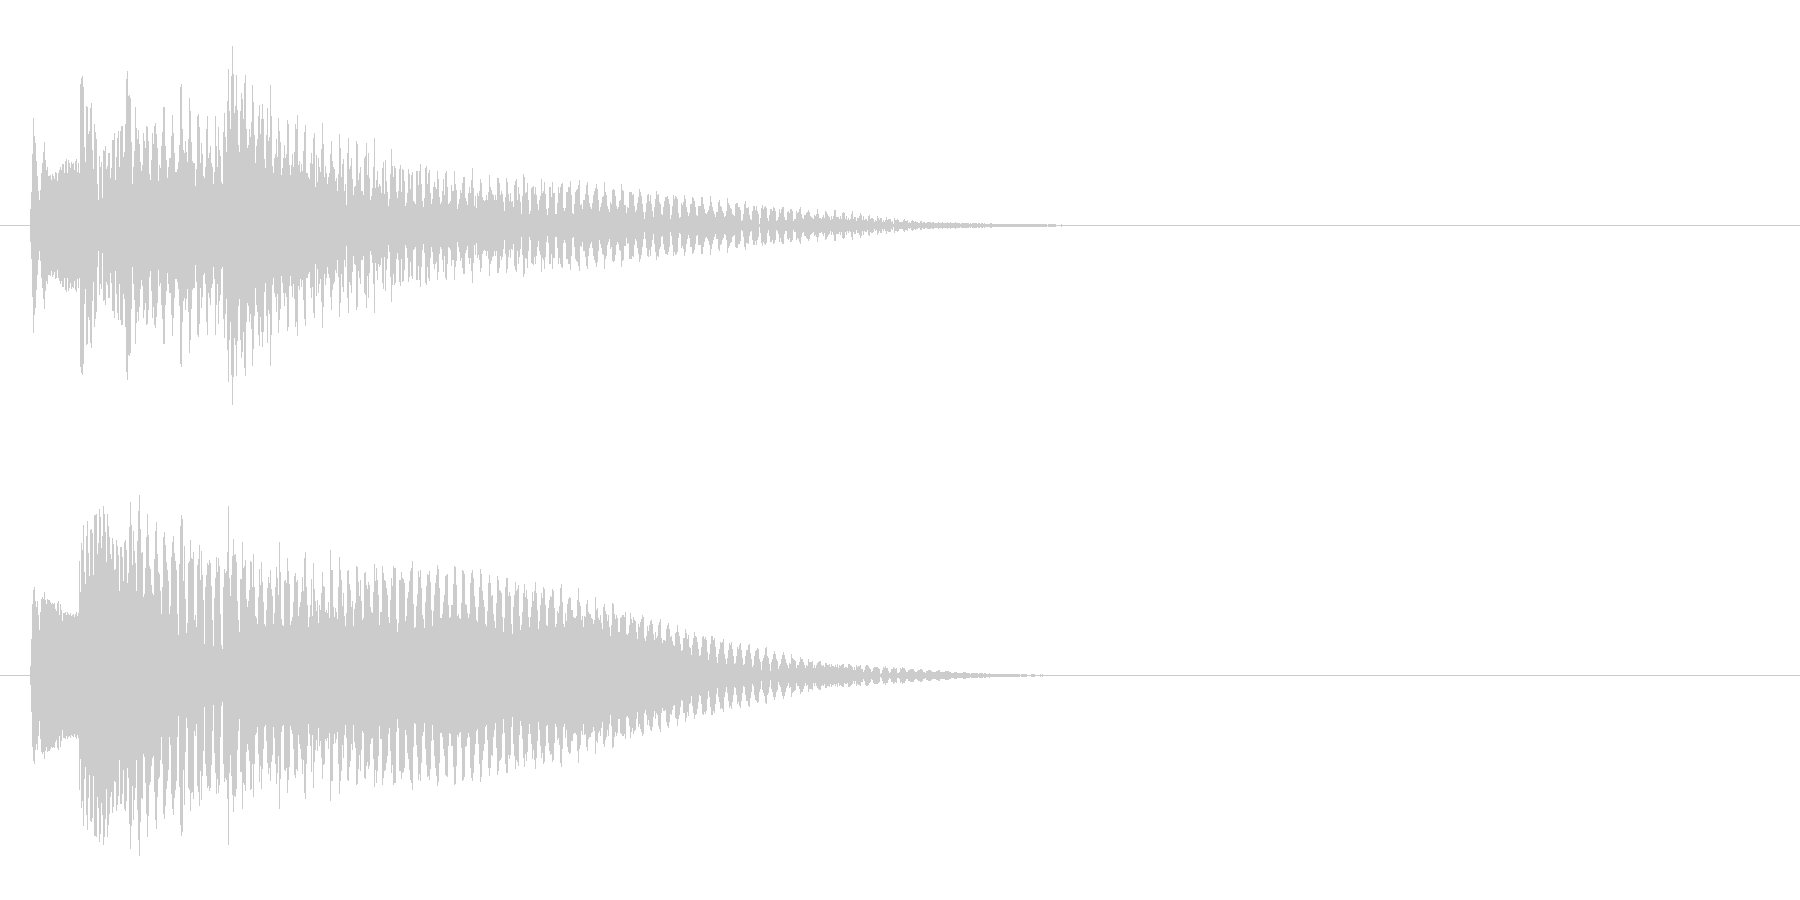 王道RPG3 スタート音 豪華決定音の未再生の波形